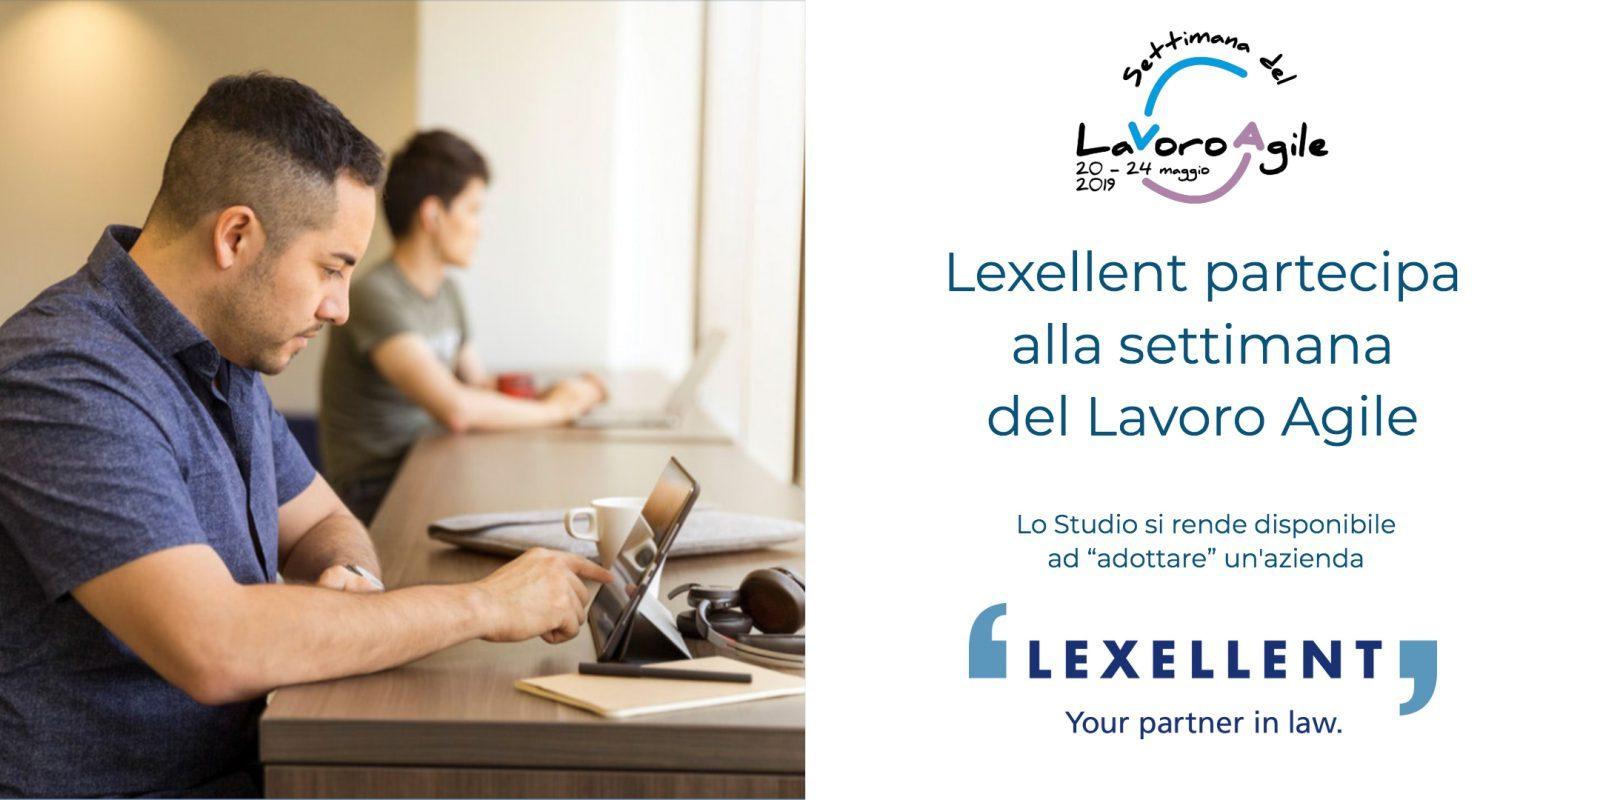 Lexellent partecipa alla settimana del Lavoro Agile – Milano, 20/24 maggio 2019